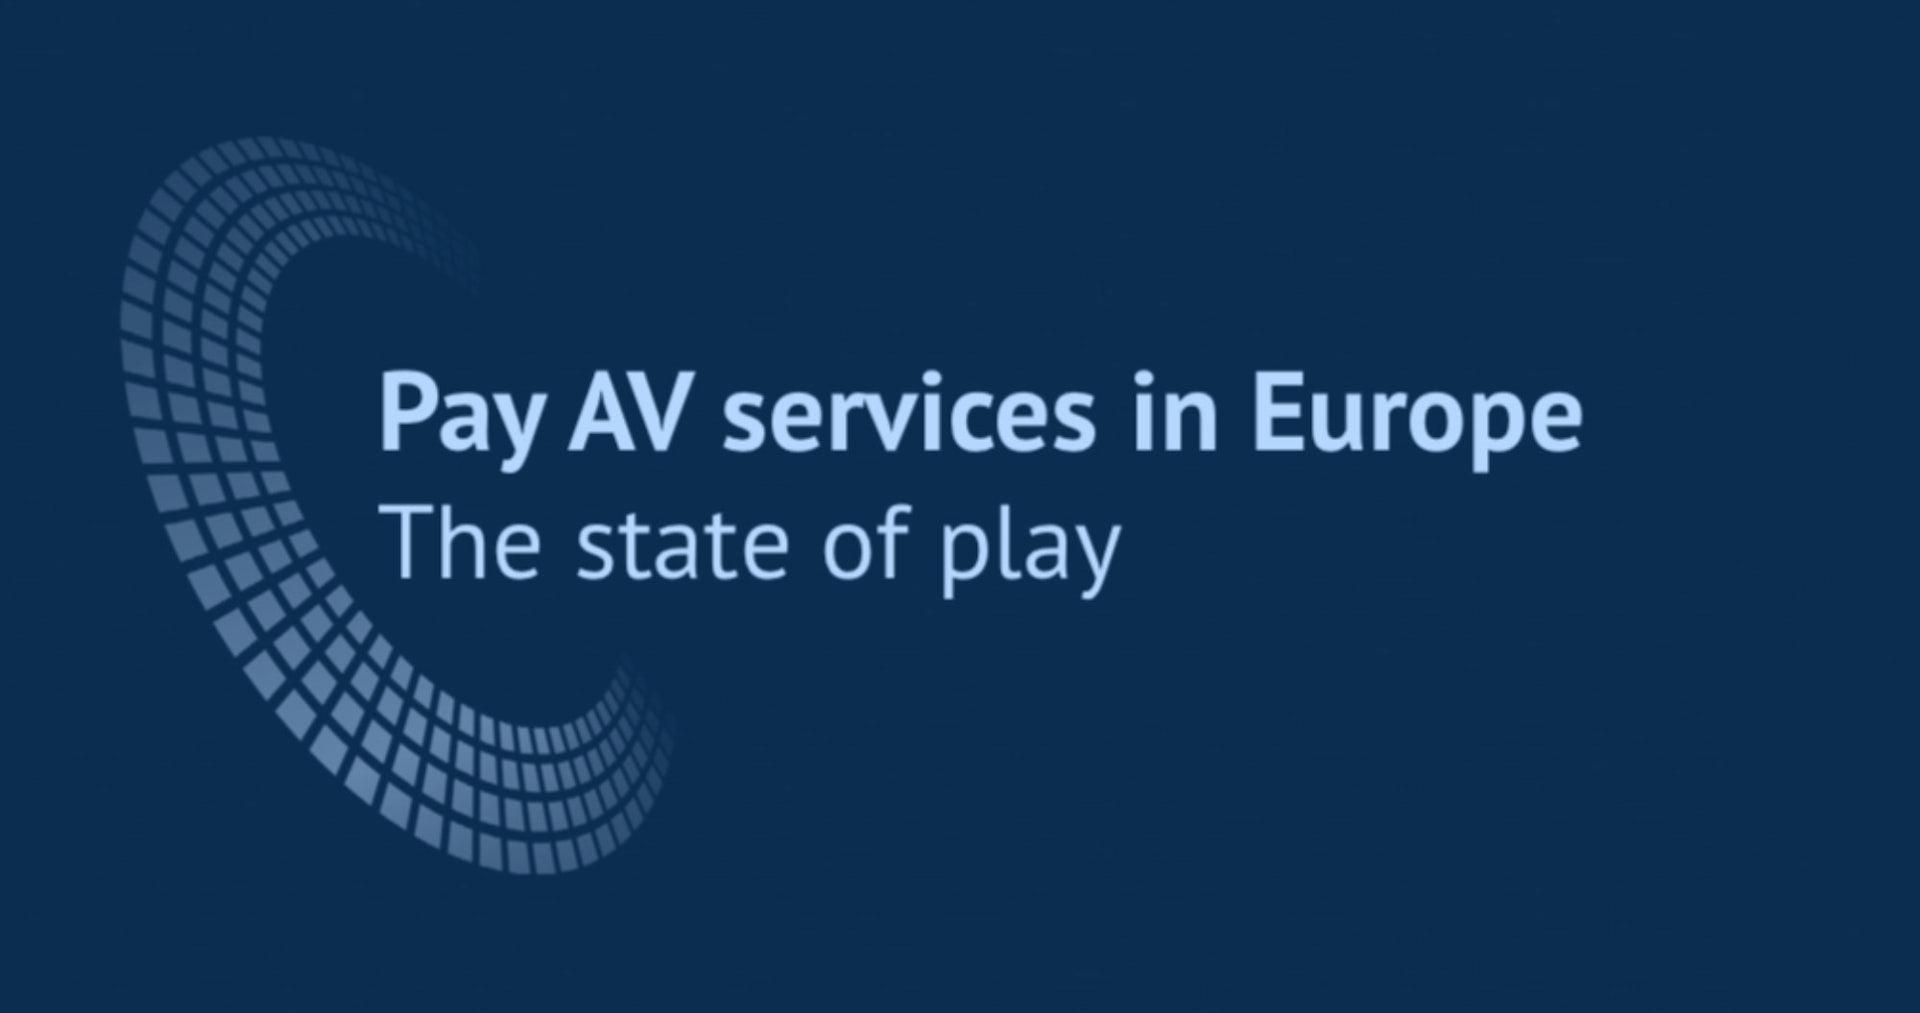 Pay AV services in Europe